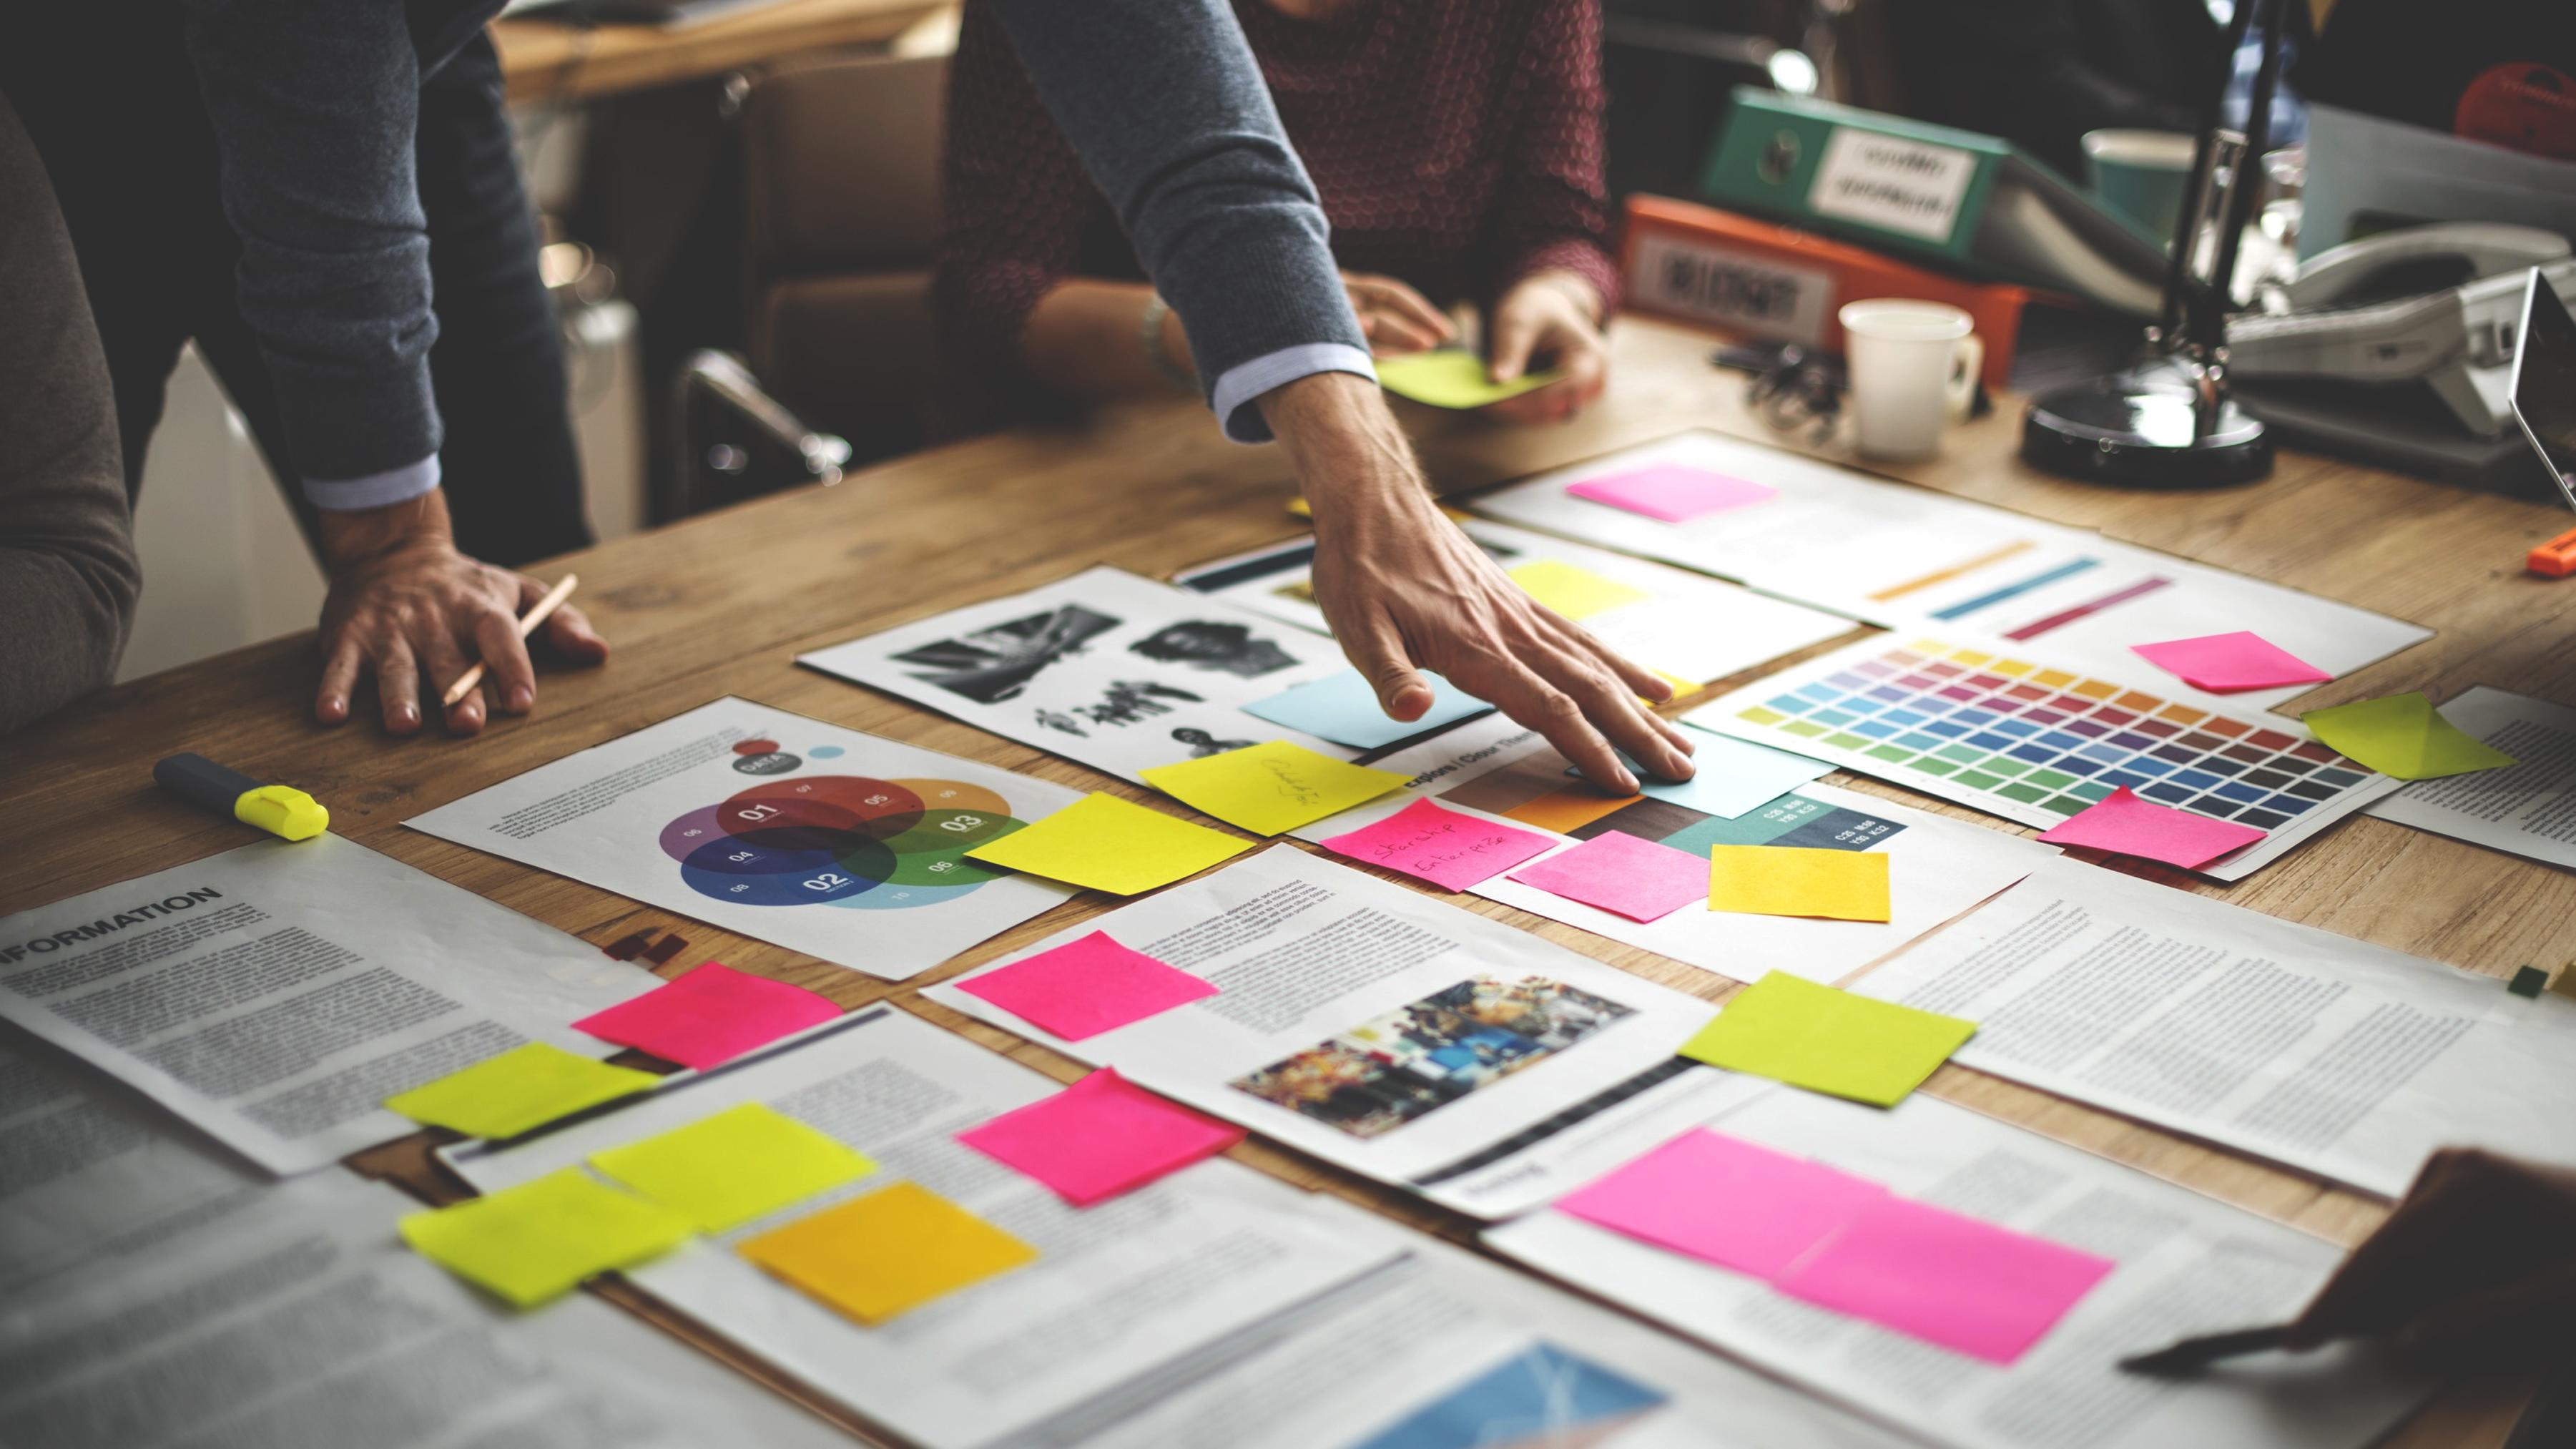 Planificación - El Briefing de Marca